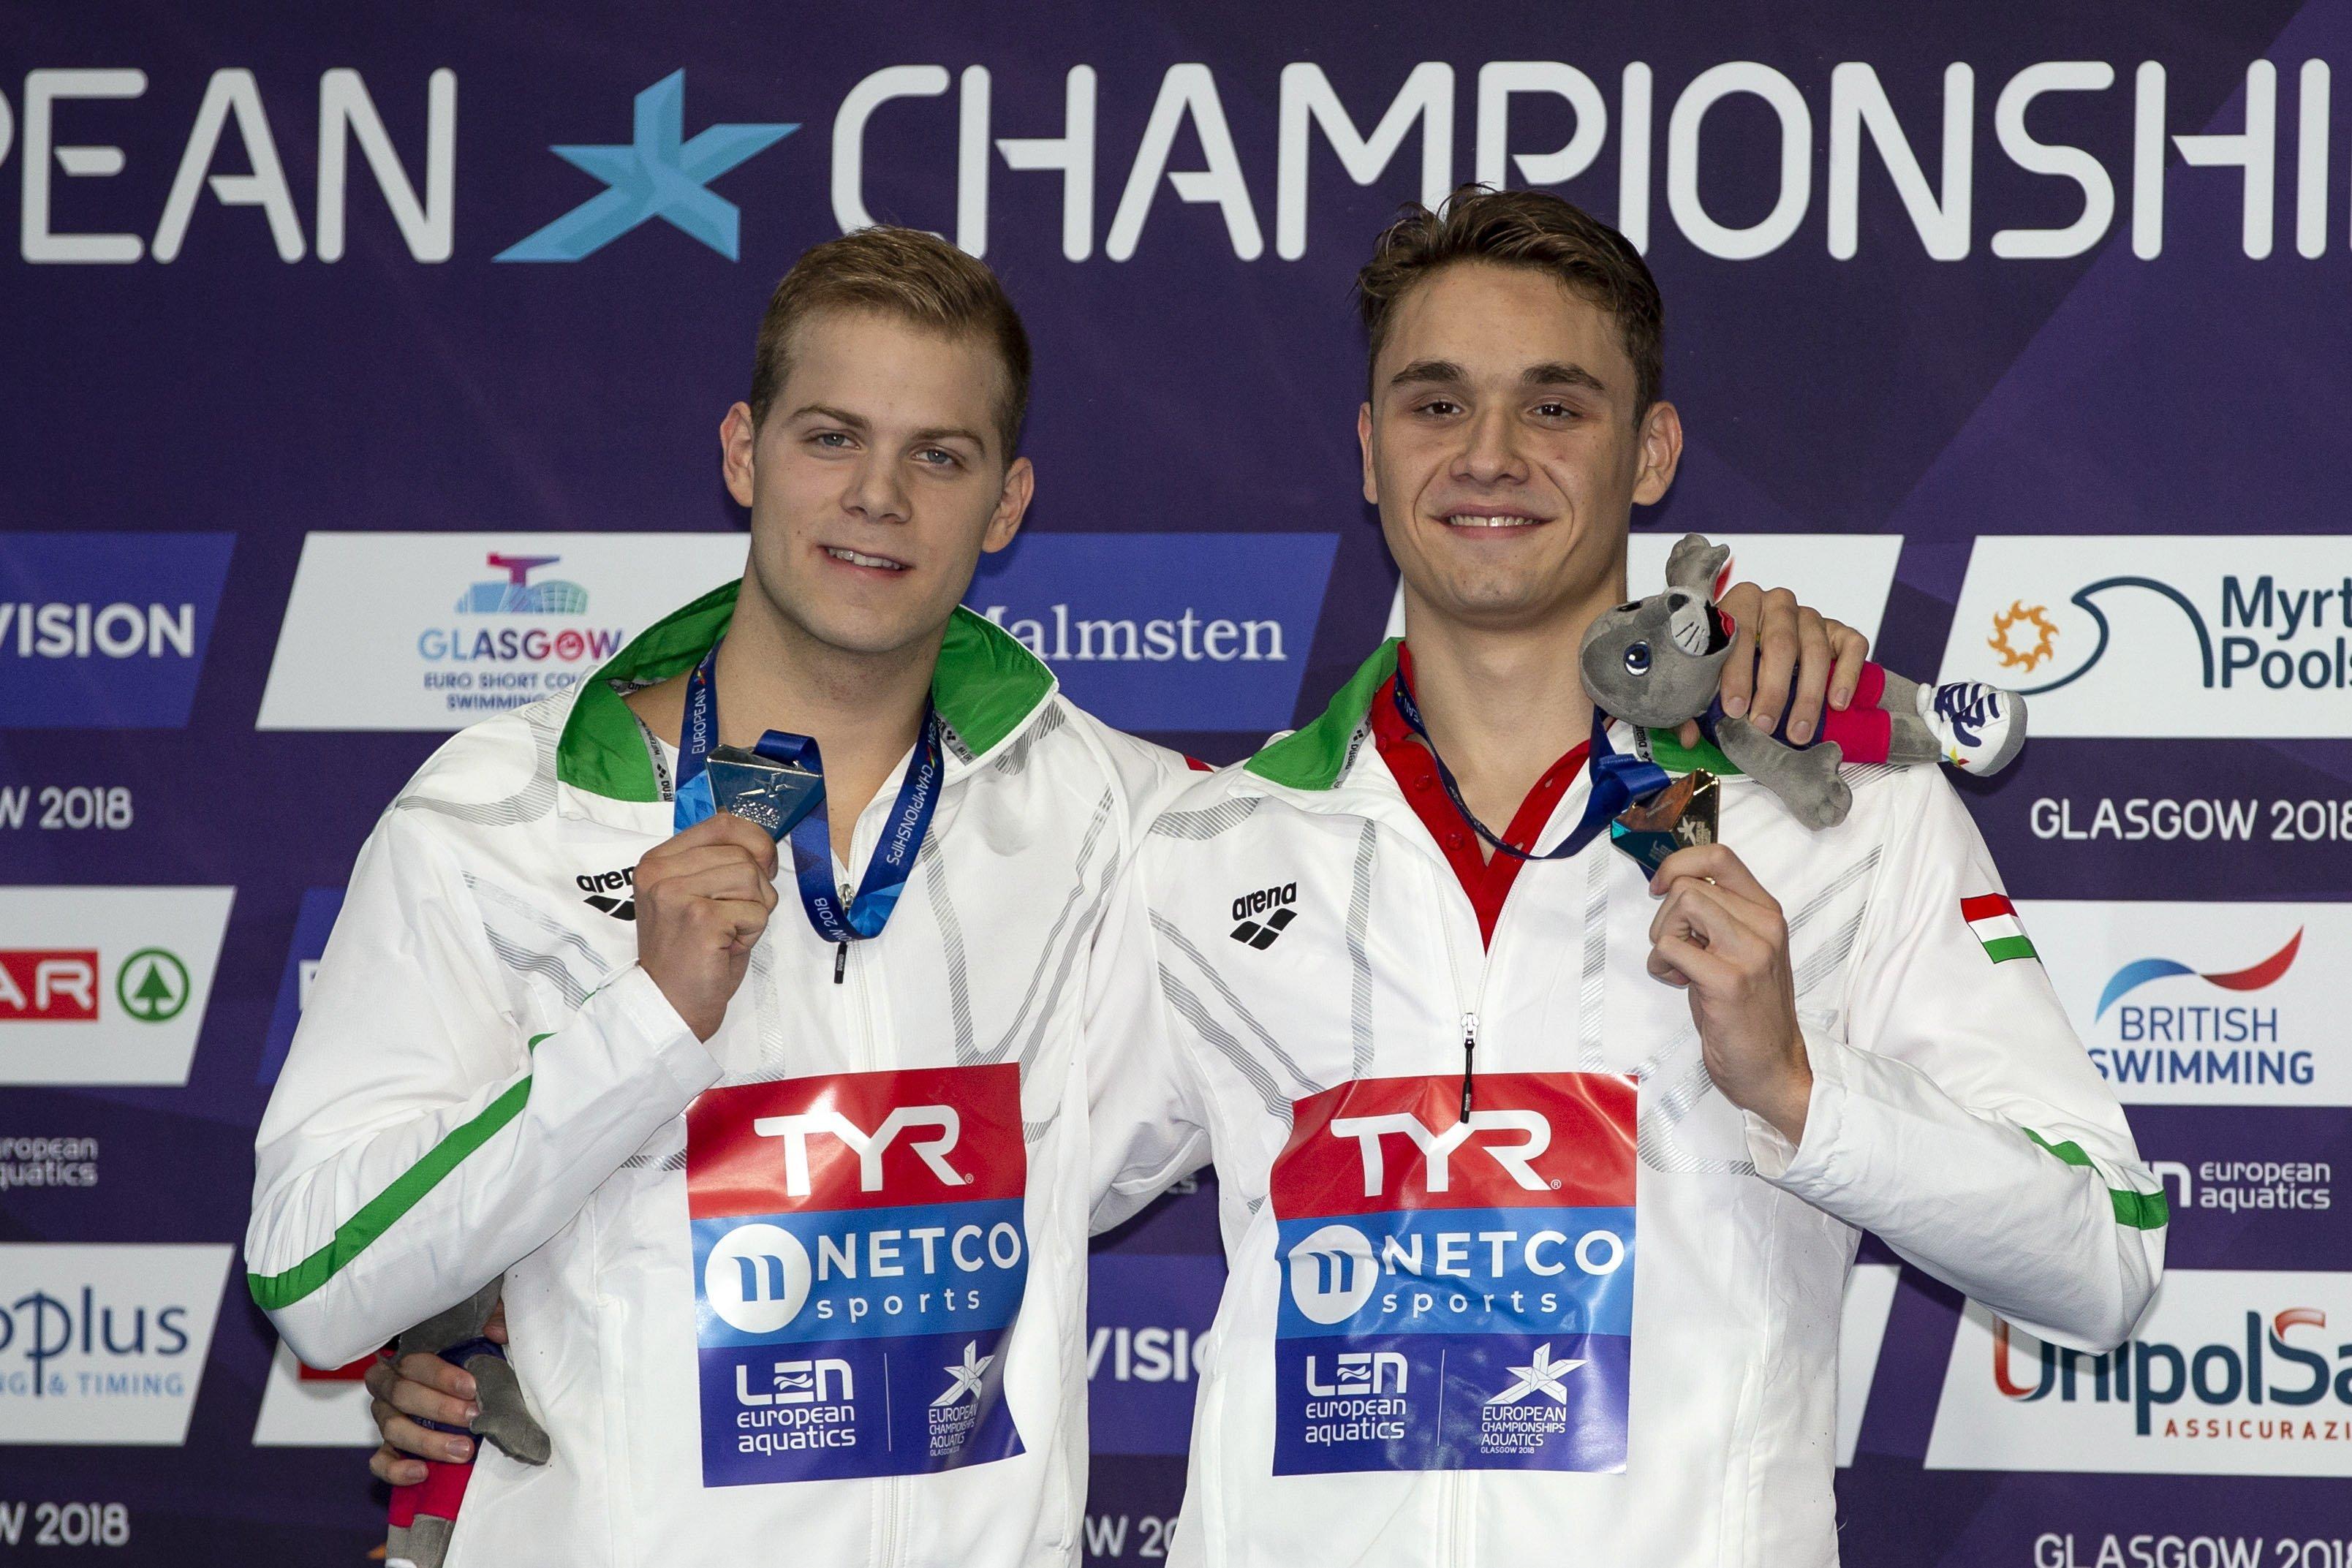 Az aranyat és az ezüstöt is magyar versenyző nyerte 200 pillangón a glasgow-i úszó Európa-bajnokságon